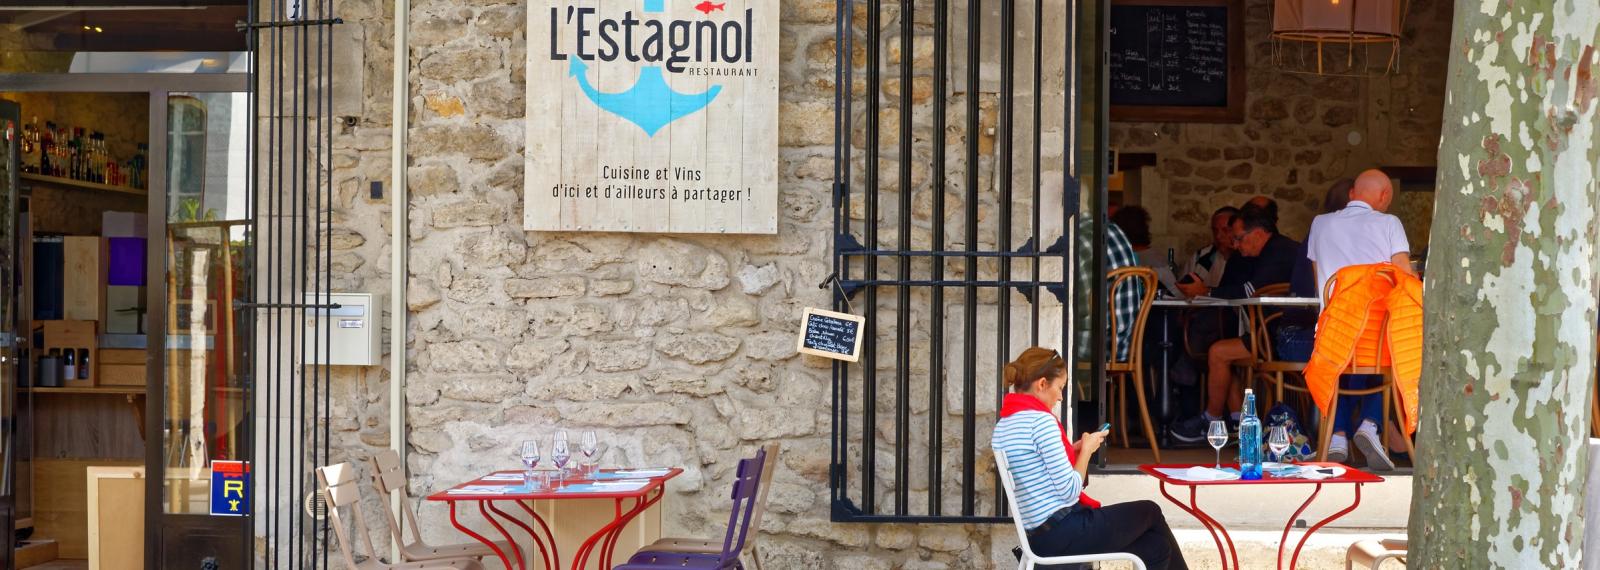 L'Estagnol